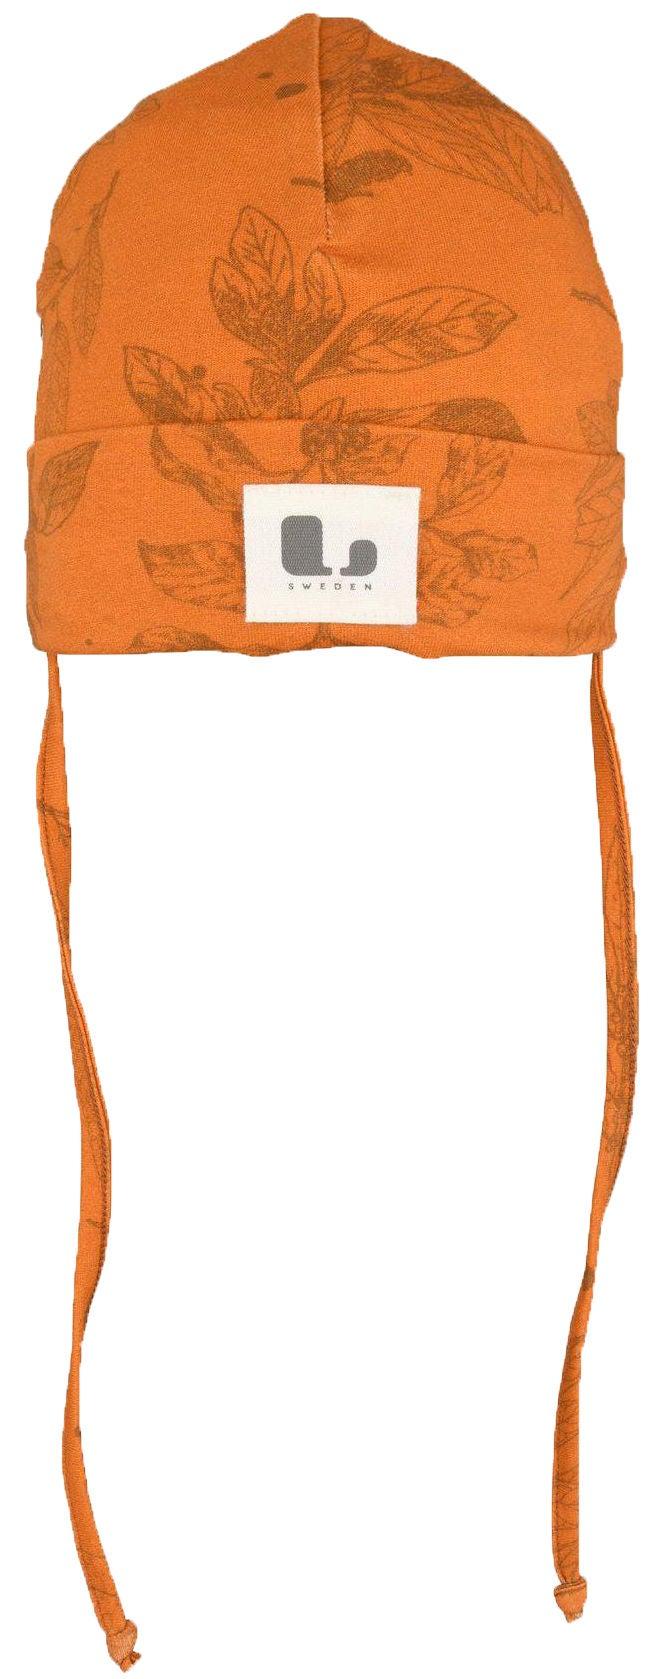 Lindberg Juni Mössa, Orange, 40-44